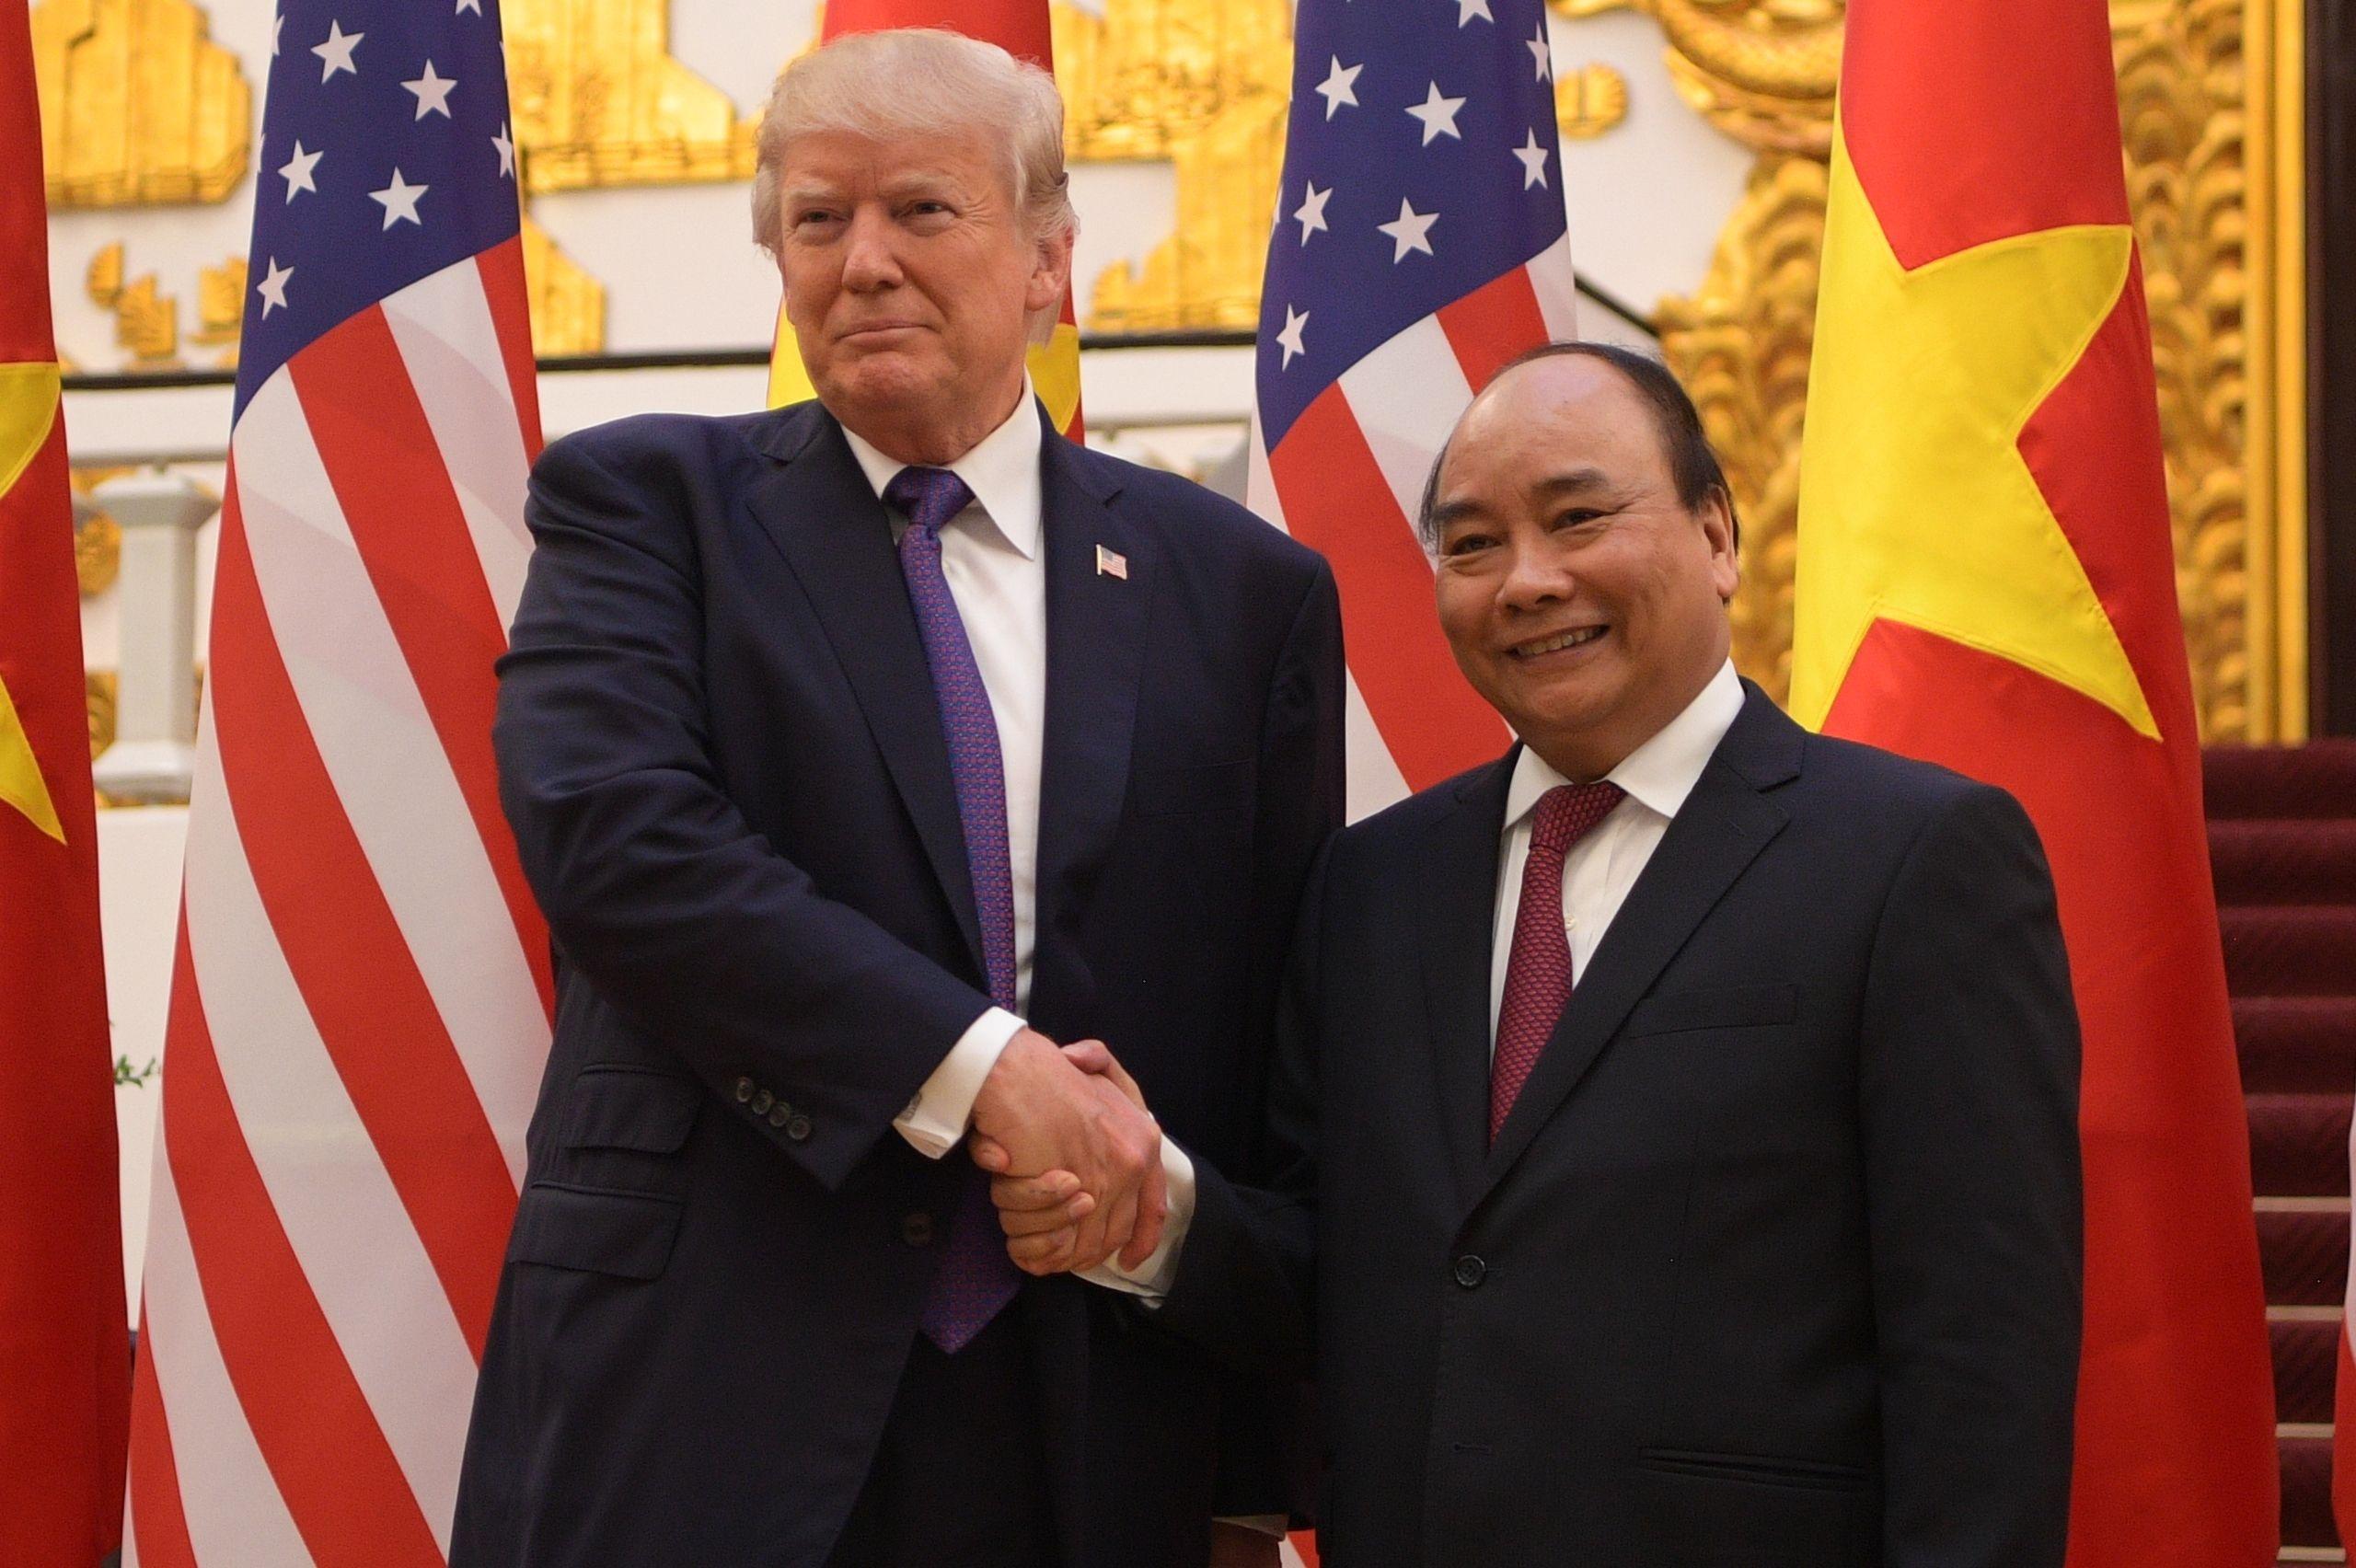 TT Trump toi VN: 'Quan he Viet - My phat trien qua nhanh, vuot bac' hinh anh 6